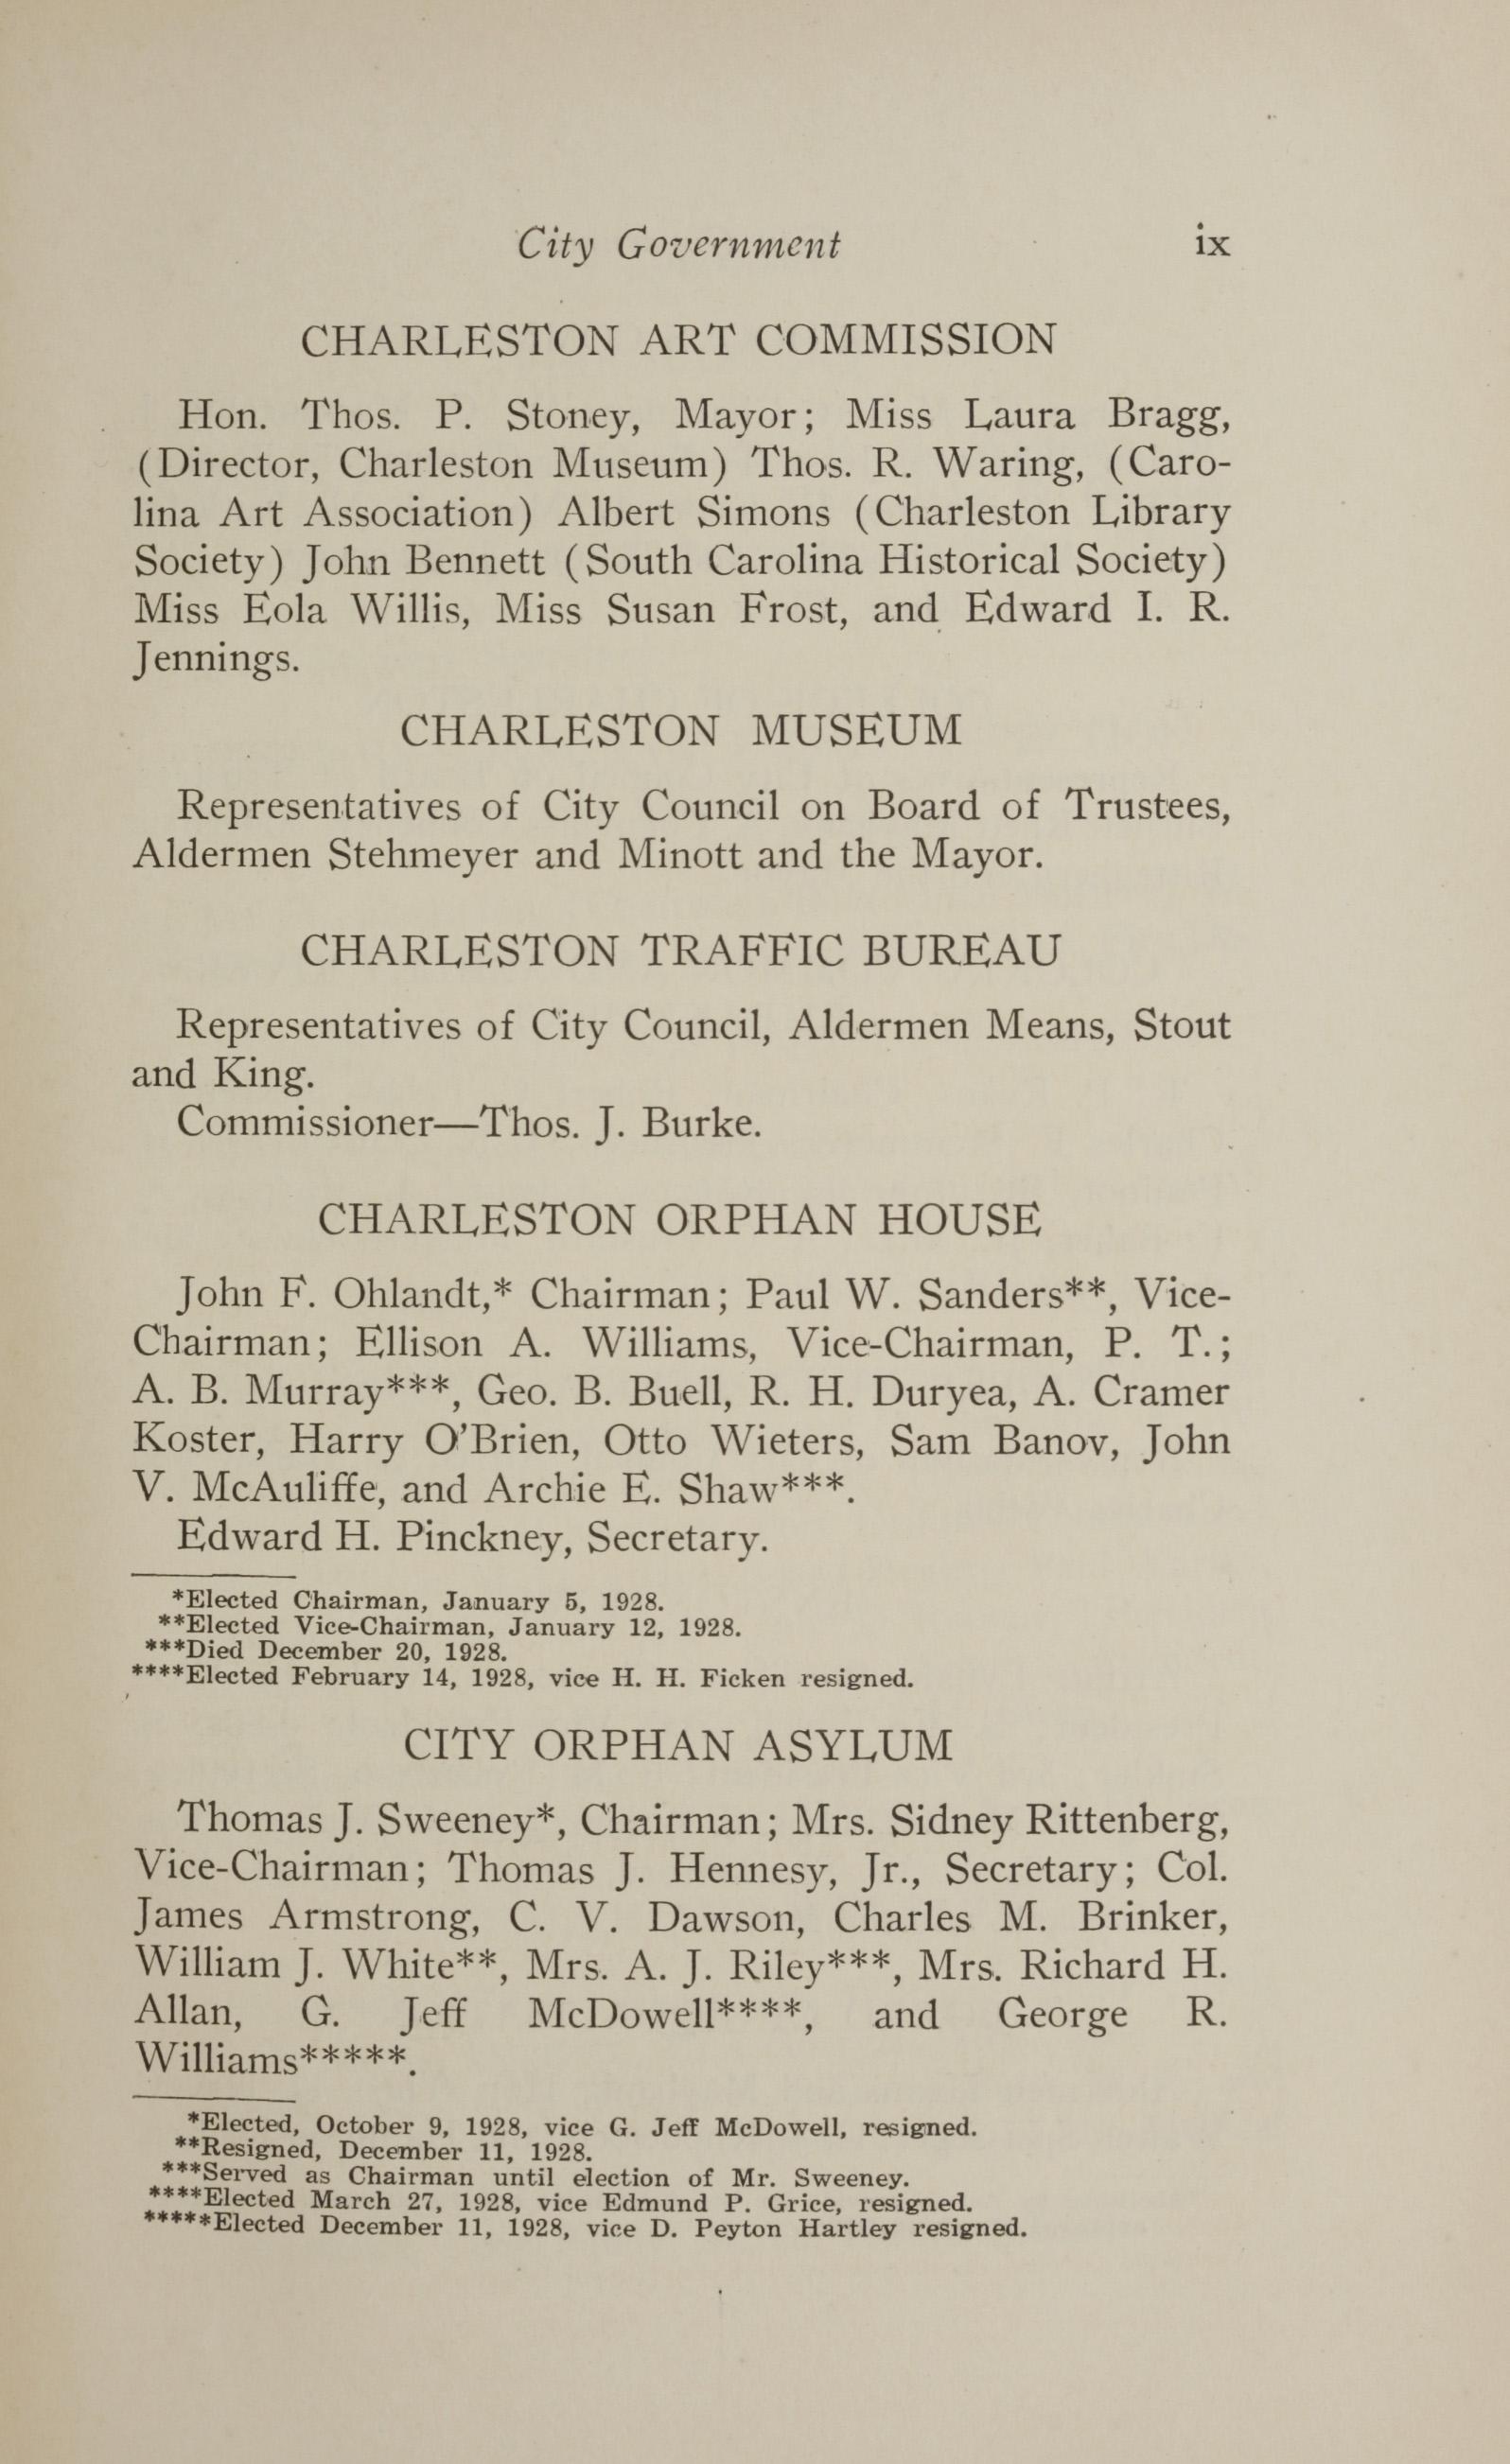 Charleston Yearbook, 1928, page ix